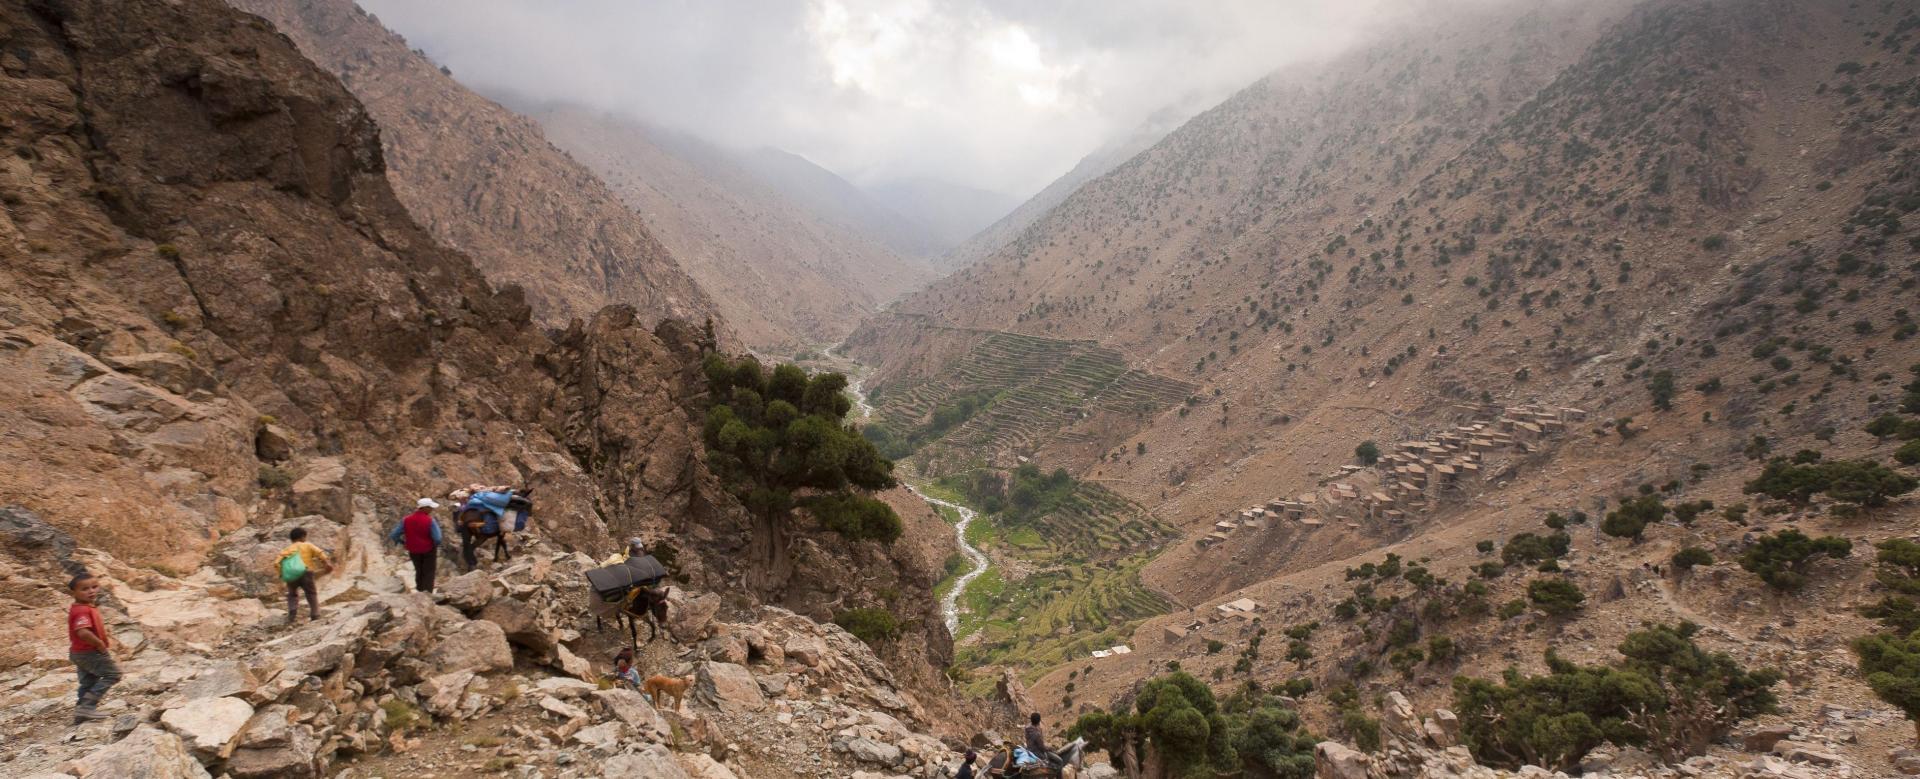 Voyage à pied : Le maroc des cimes